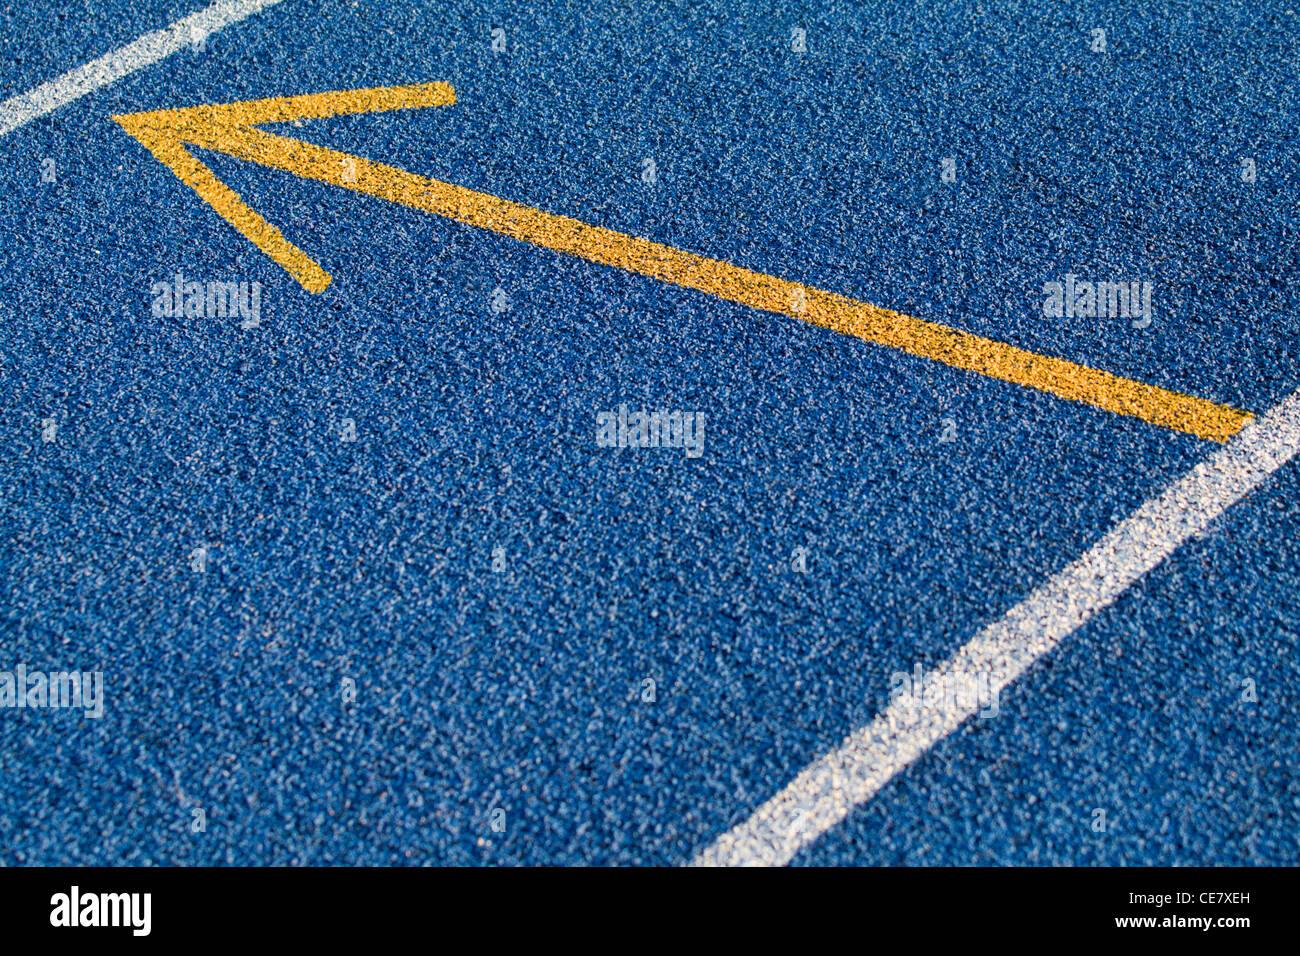 Superficie de tartán azul con flecha amarilla Imagen De Stock